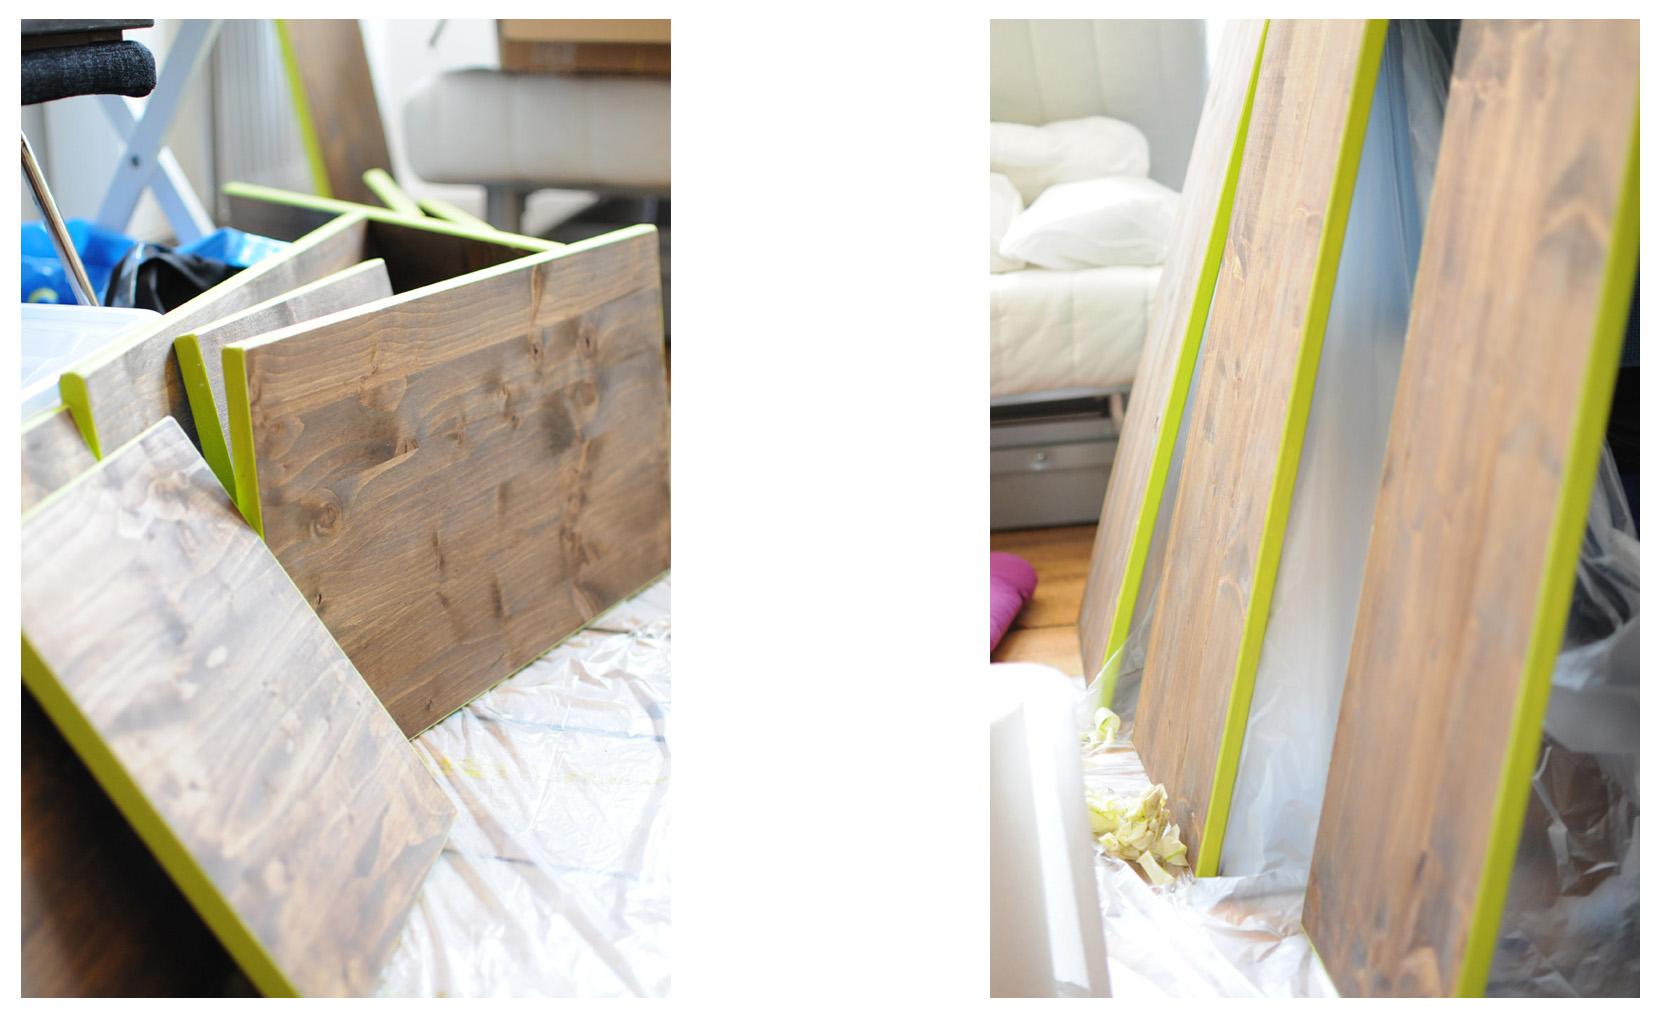 endlich ein neues regal pt 1 ana kraft. Black Bedroom Furniture Sets. Home Design Ideas